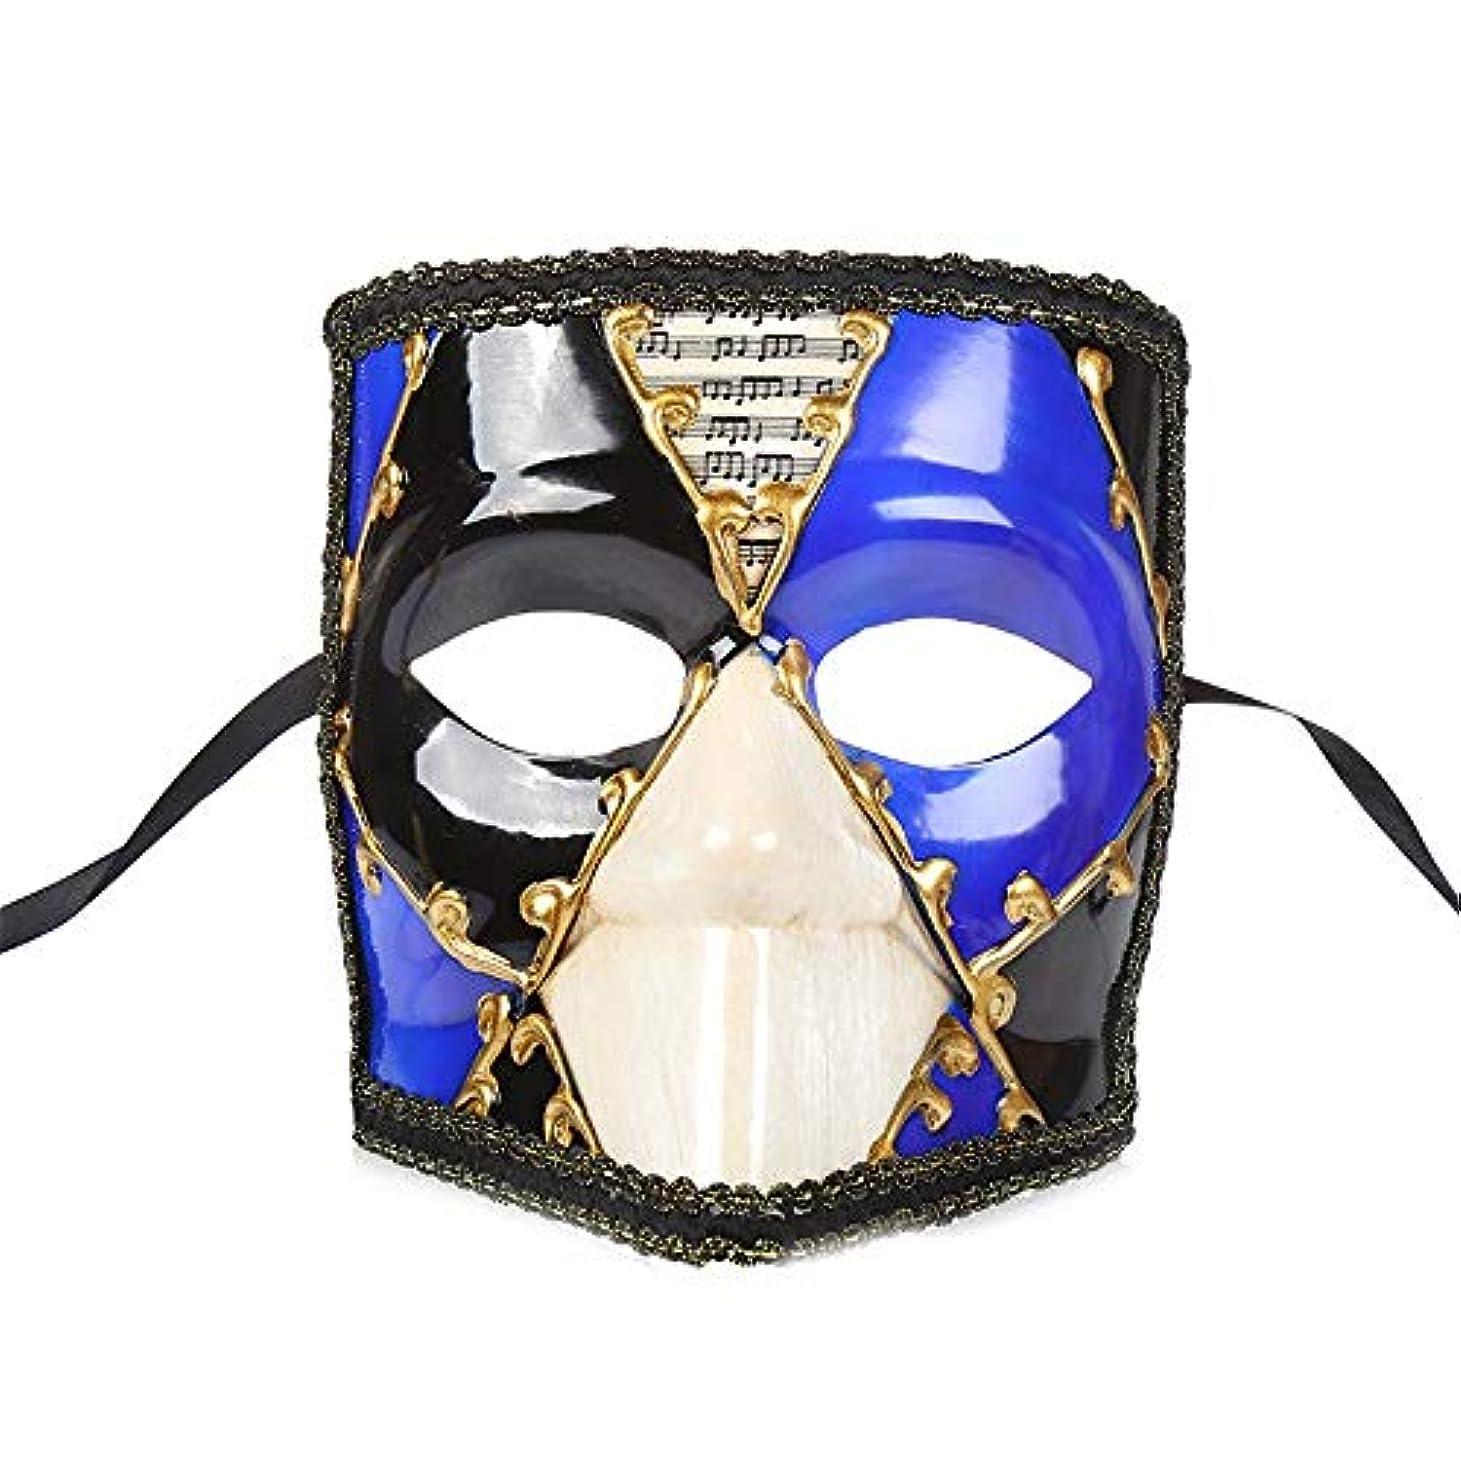 記念なぞらえるつぶすダンスマスク ピエロマスクヴィンテージマスカレードショーデコレーションコスプレナイトクラブプラスチック厚いマスク ホリデーパーティー用品 (色 : 青, サイズ : 18x15cm)